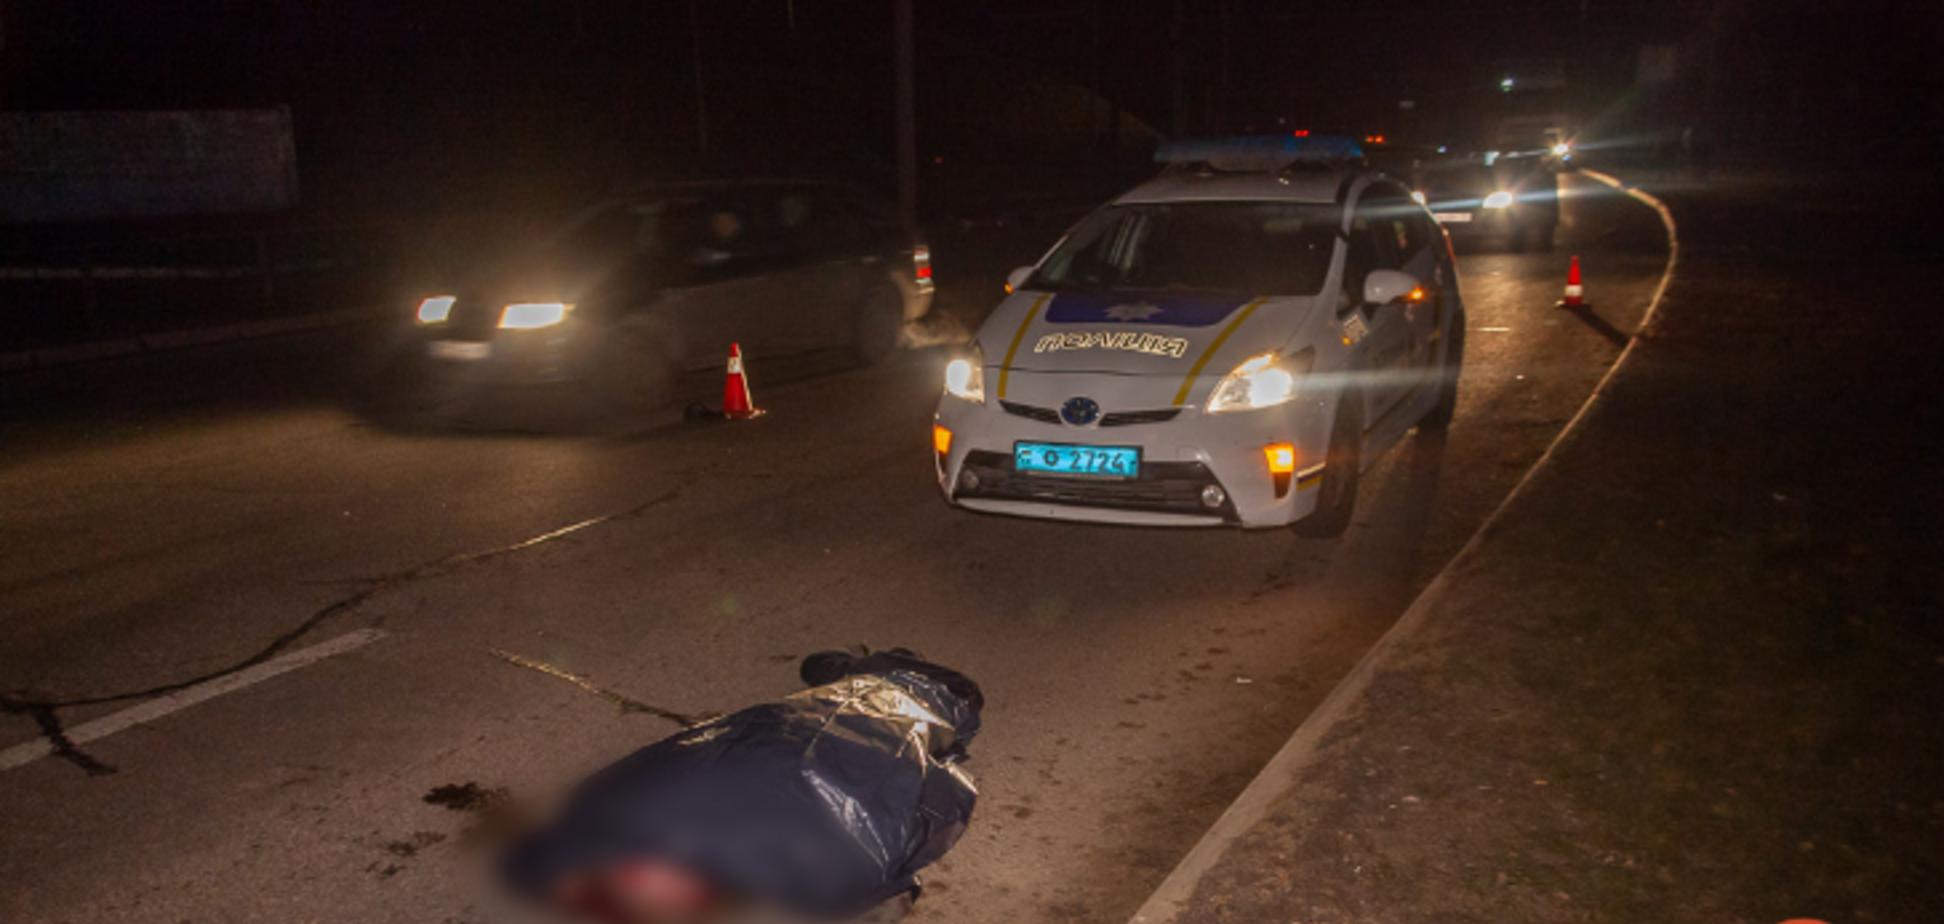 В Днепре автомобиль насмерть сбил двух пешеходов. Фото и видео 18+